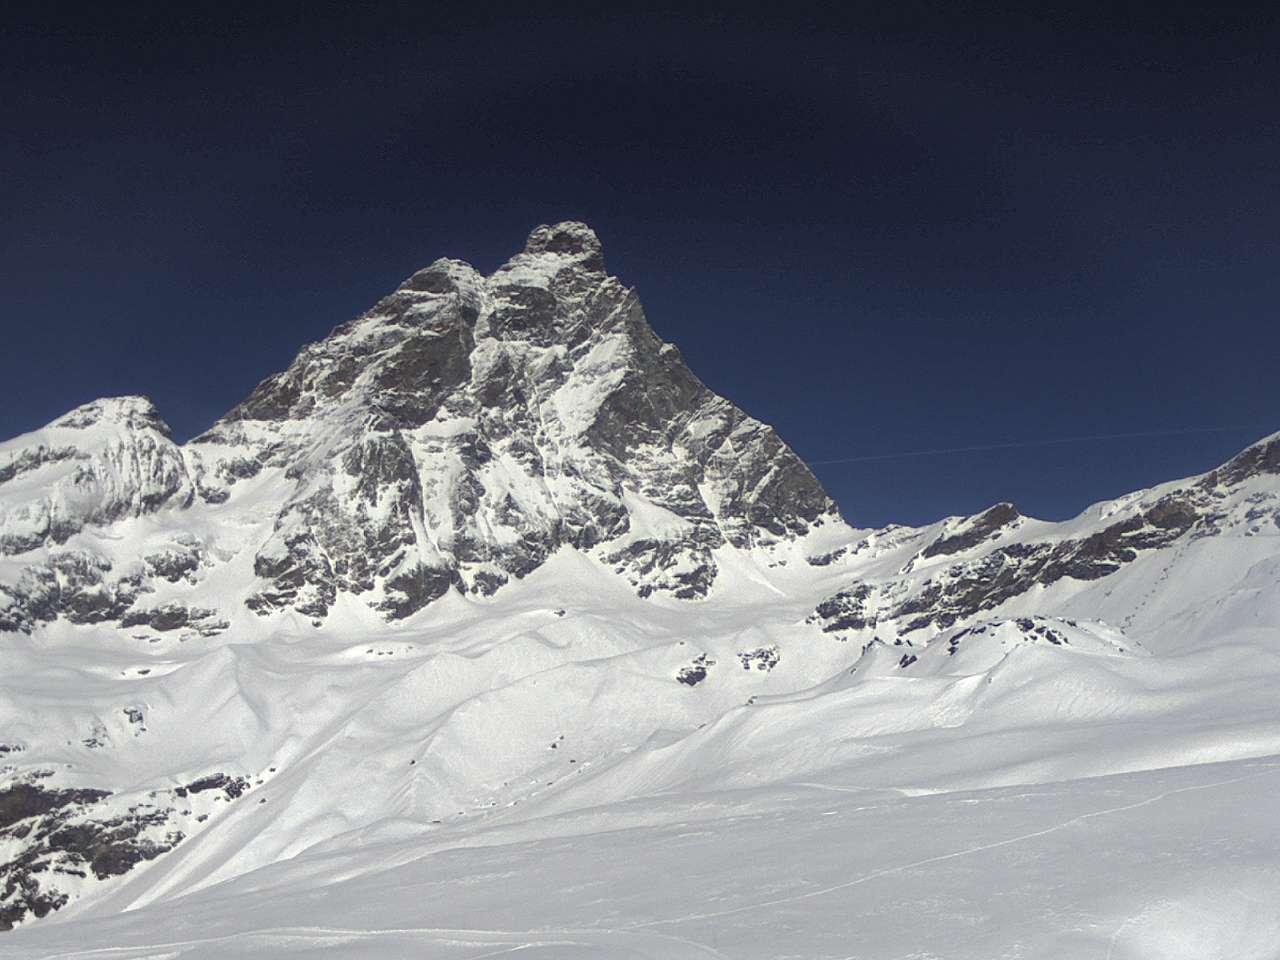 Plan Maison (2.561m.) - Matterhorn